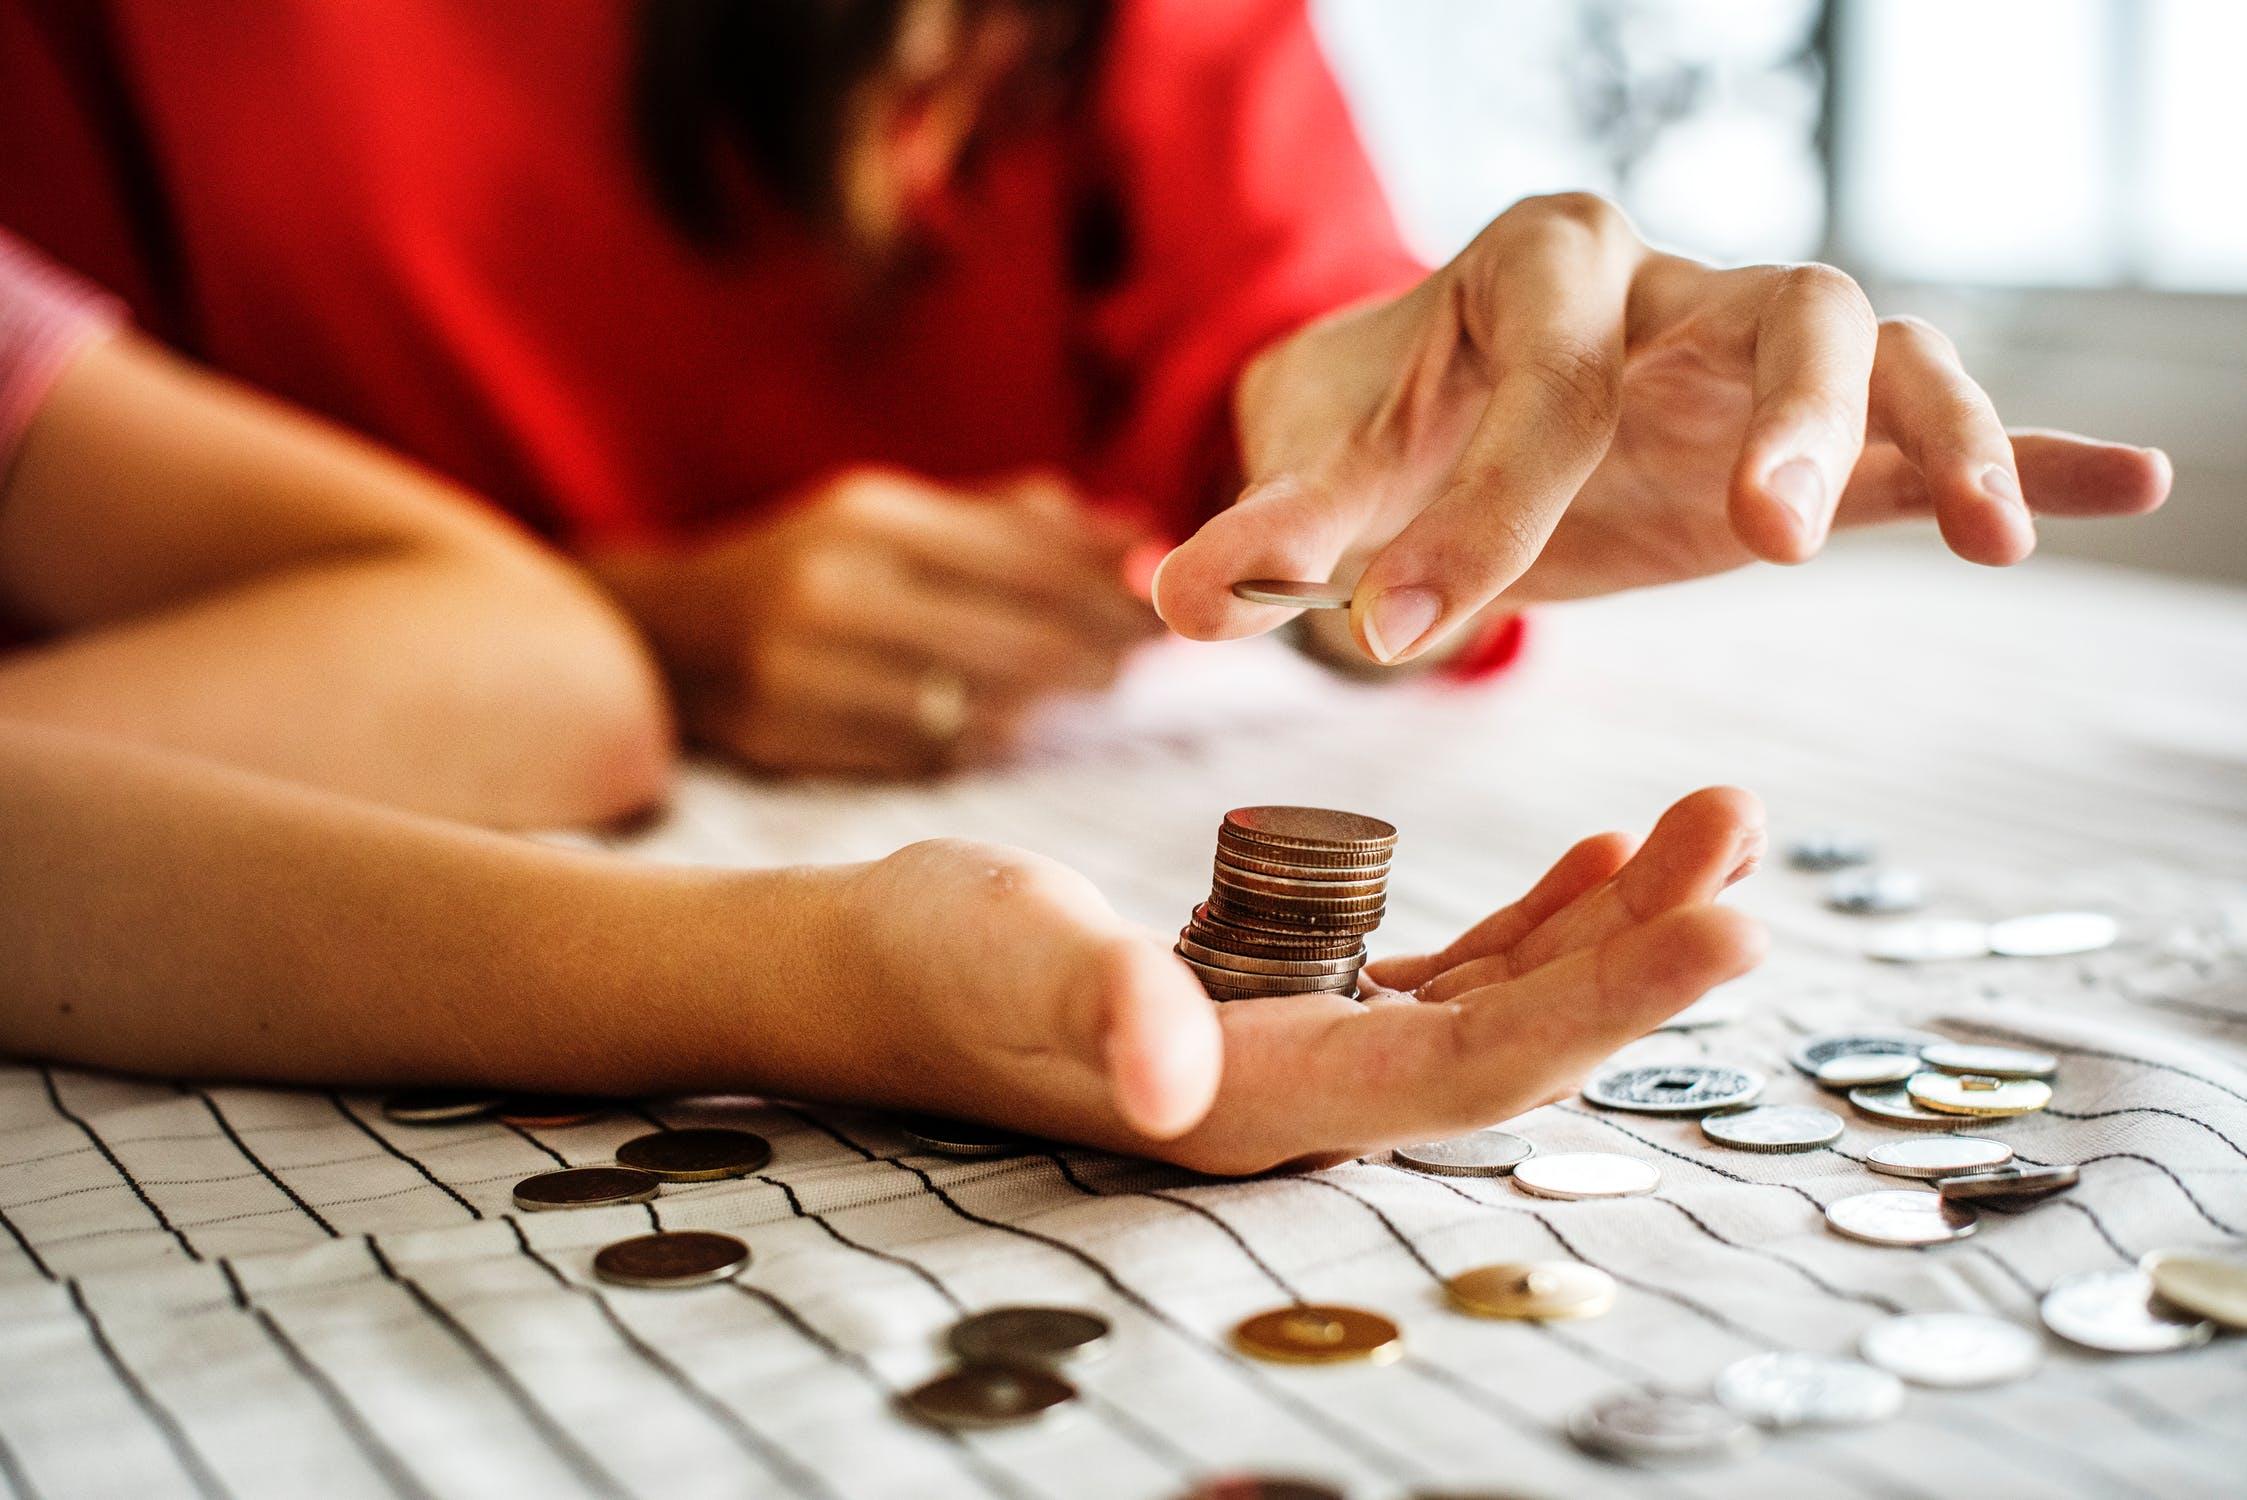 Mønter i hånd